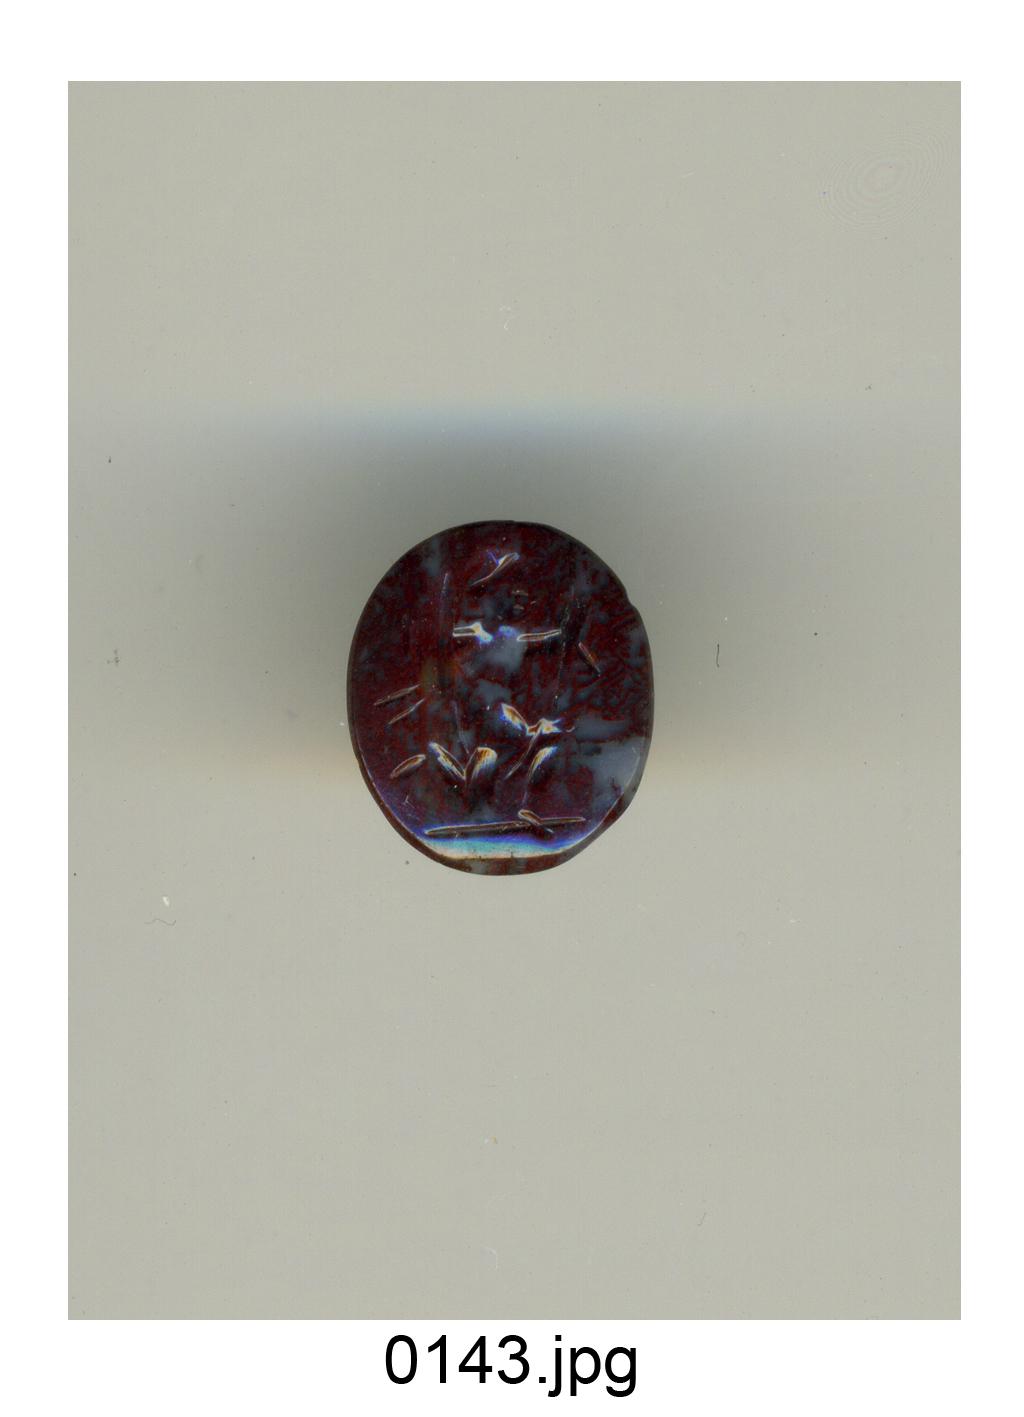 soldato (gemma) - produzione romana, produzione italiana (secc. II/ III)